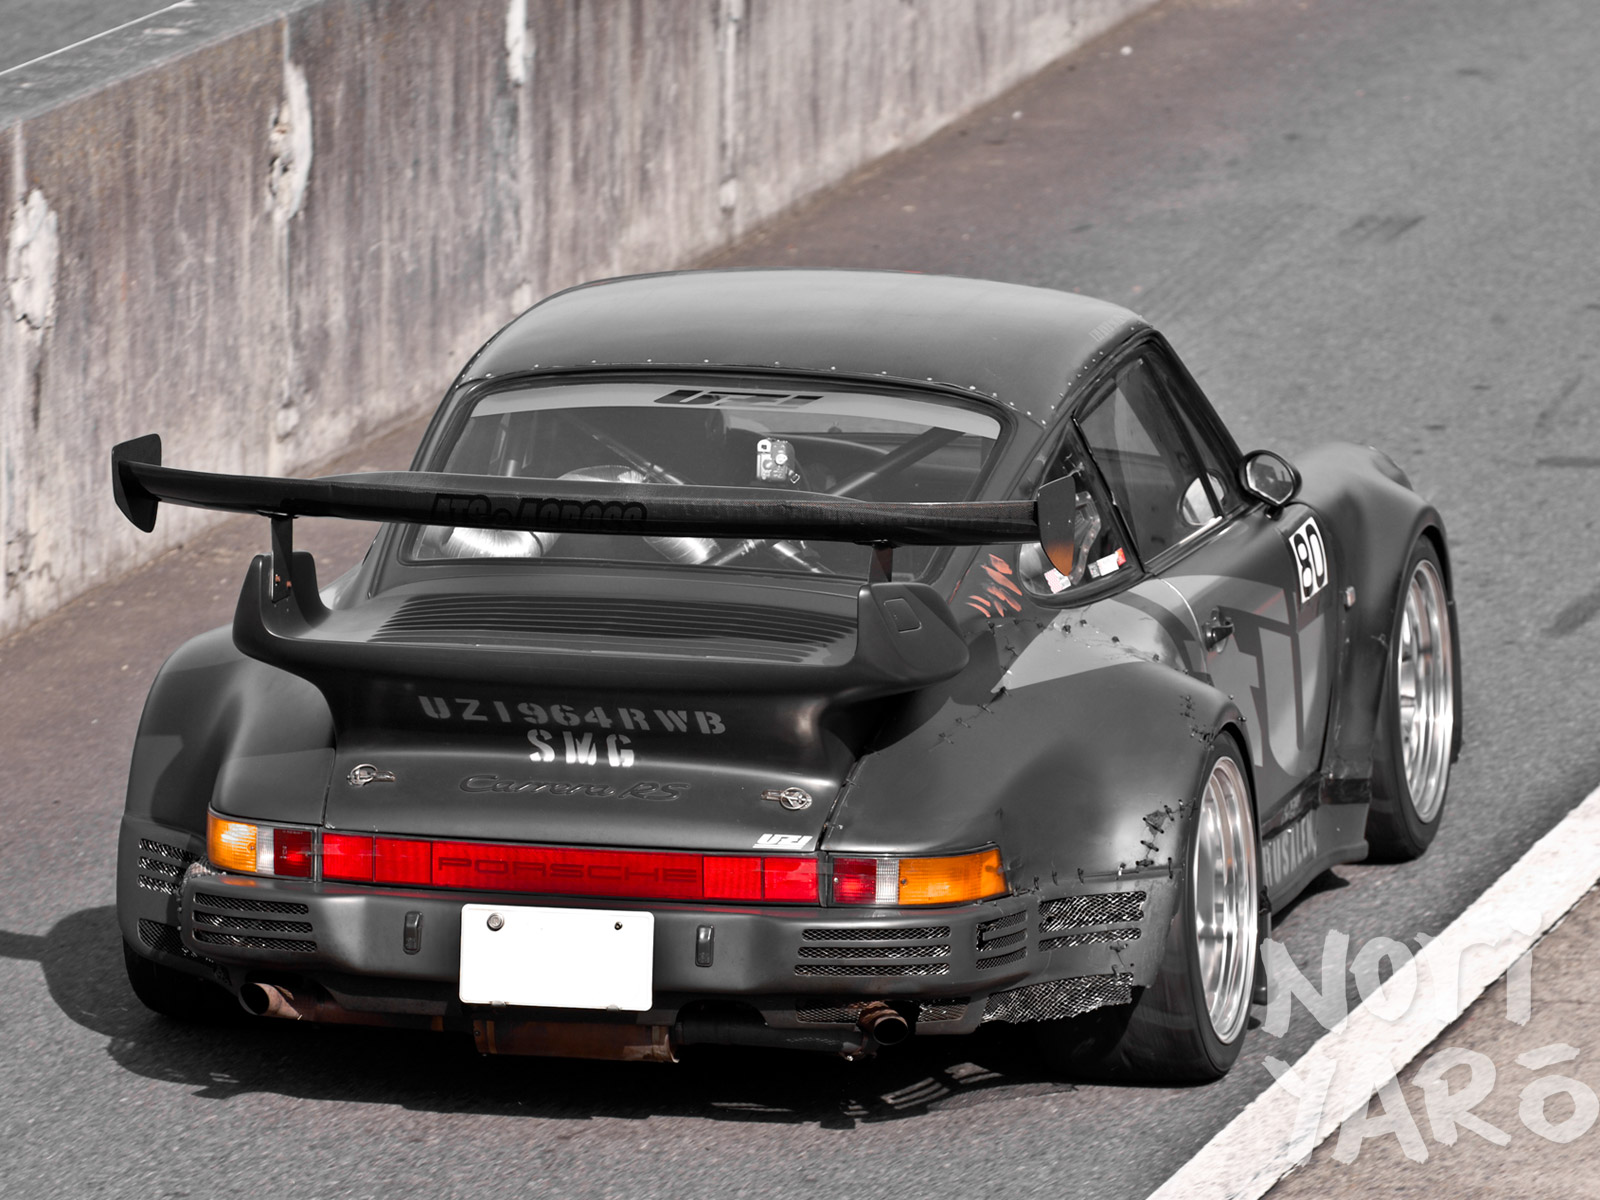 rauh_welt_uzi_tsukuba_4by3 Stunning Porsche 911 Gt2 Body Kit Cars Trend